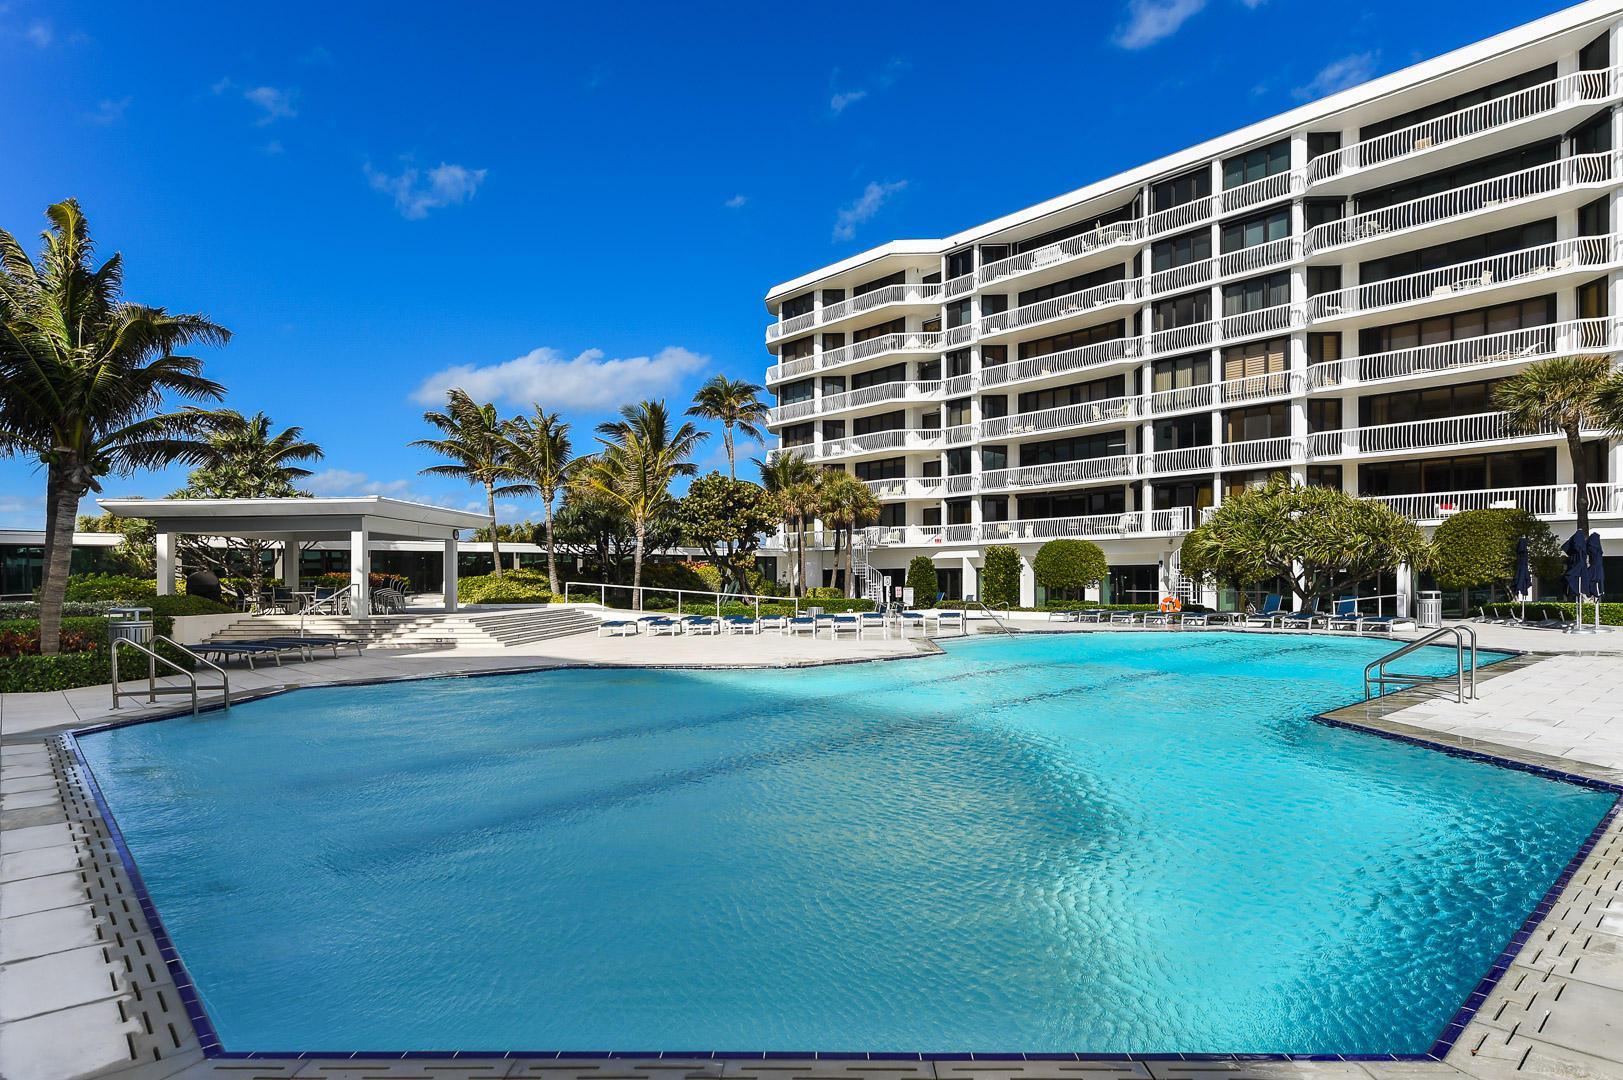 TWENTY ONE HUNDRED CONDO PALM BEACH FLORIDA